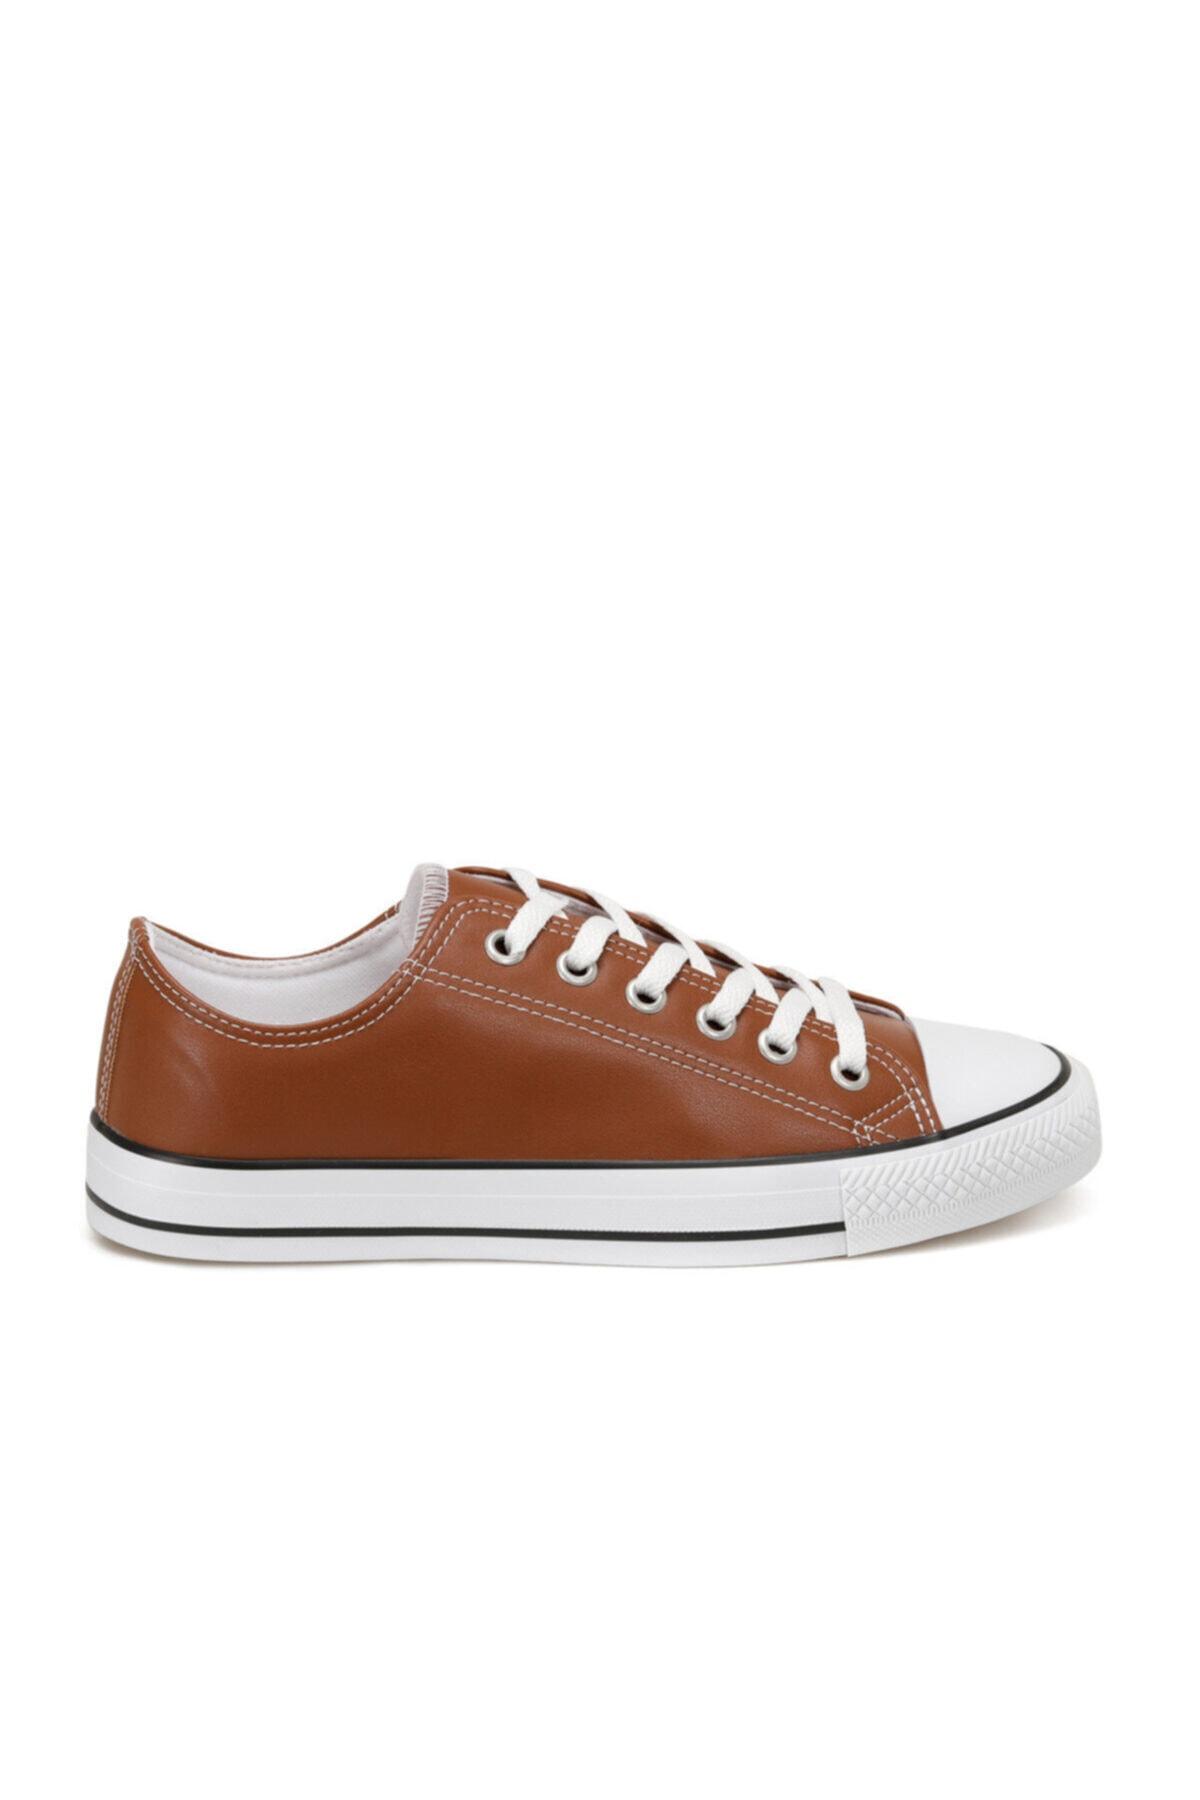 FORESTER EC-2001 Kahverengi Erkek Kalın Tabanlı Sneaker 100669570 2